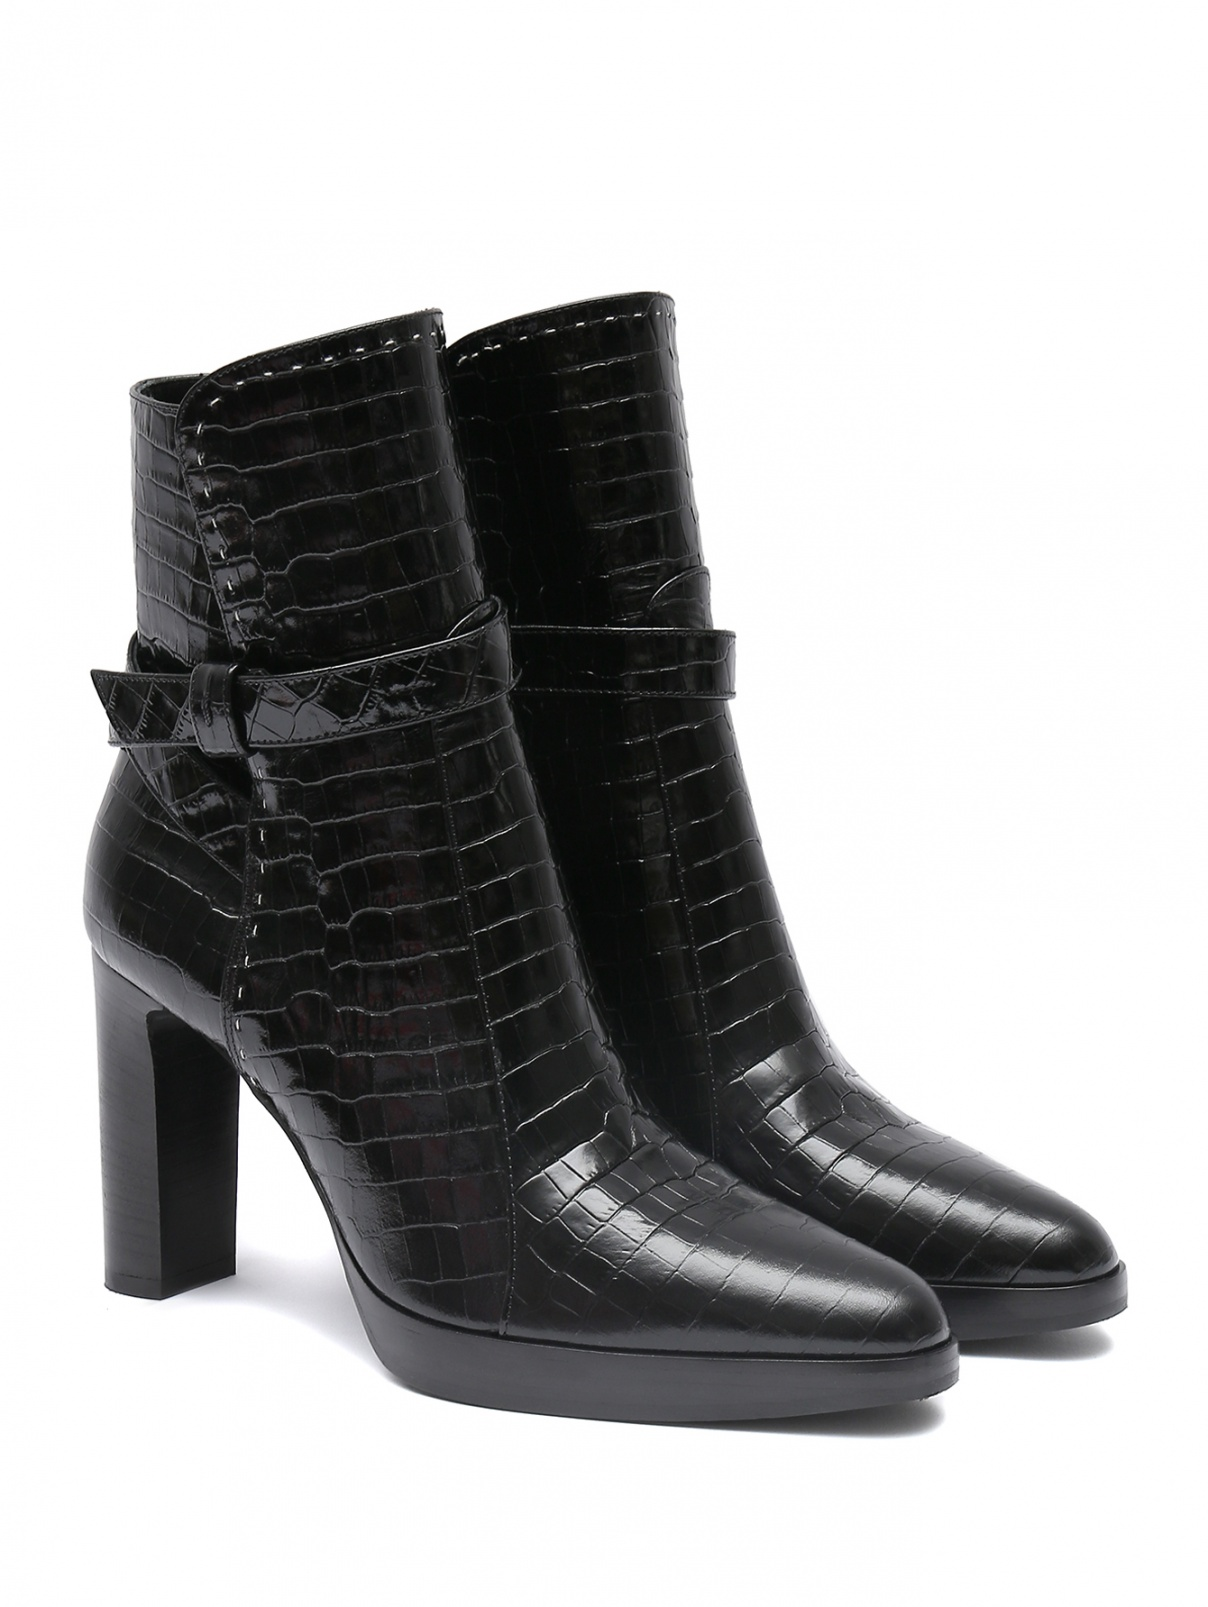 Ботильоны из фактурной кожи на устойчивом каблуке Max Mara  –  Общий вид  – Цвет:  Черный